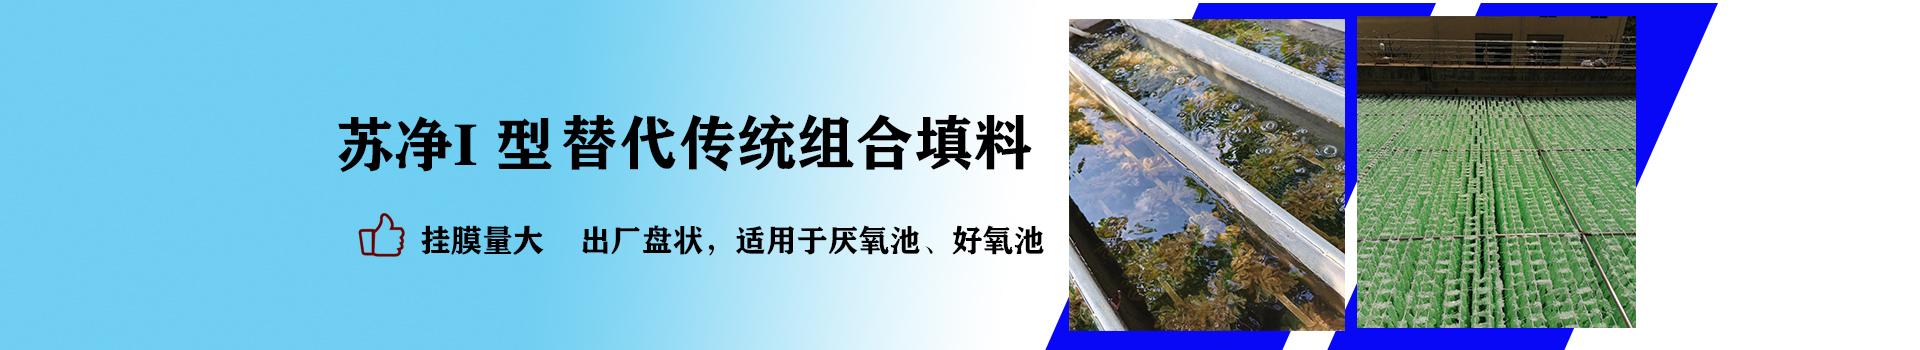 产品内页banner图最新修改版